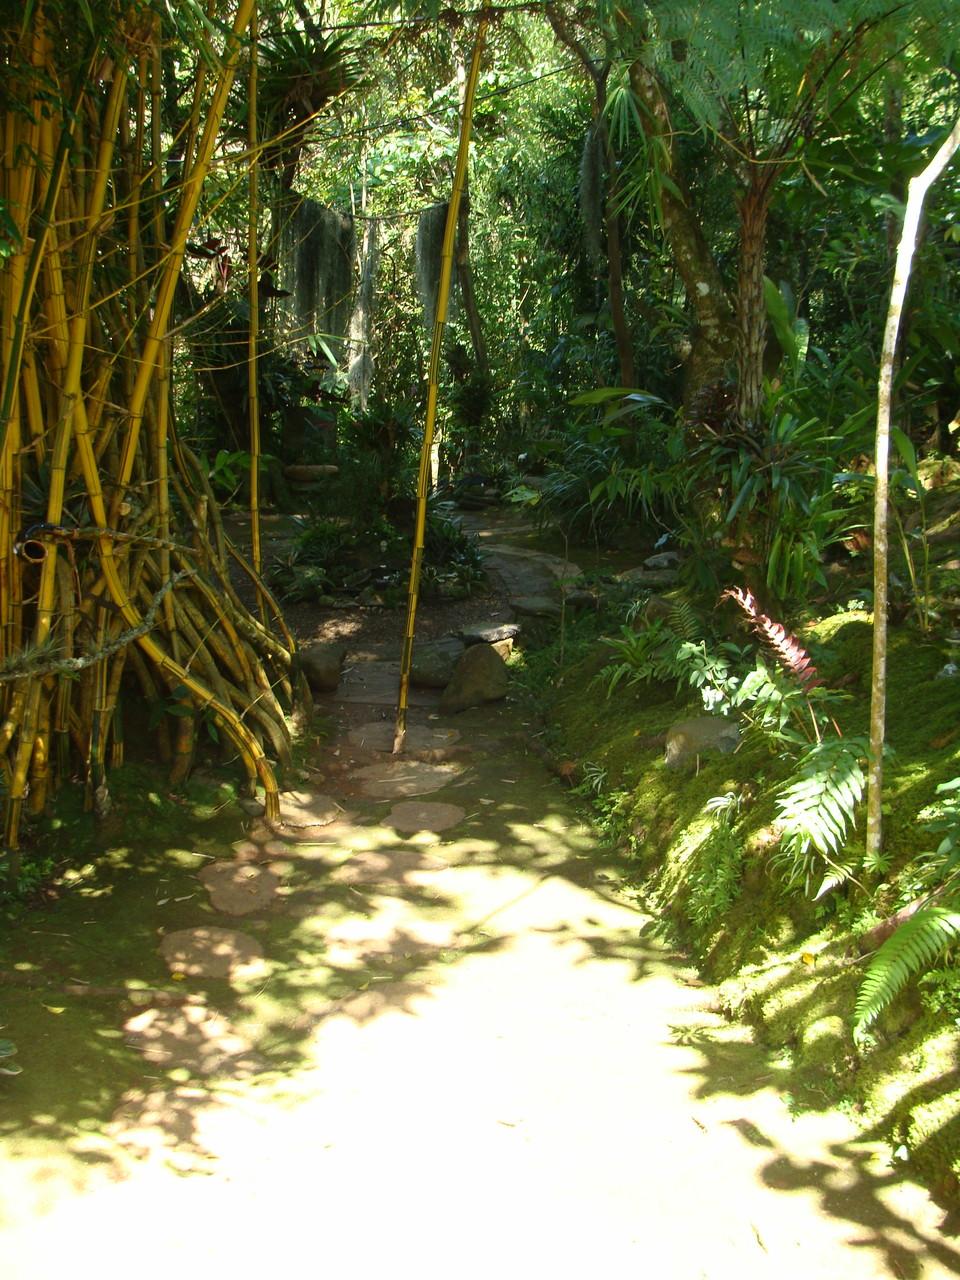 camino de entrada al mágico reino de los musgos.